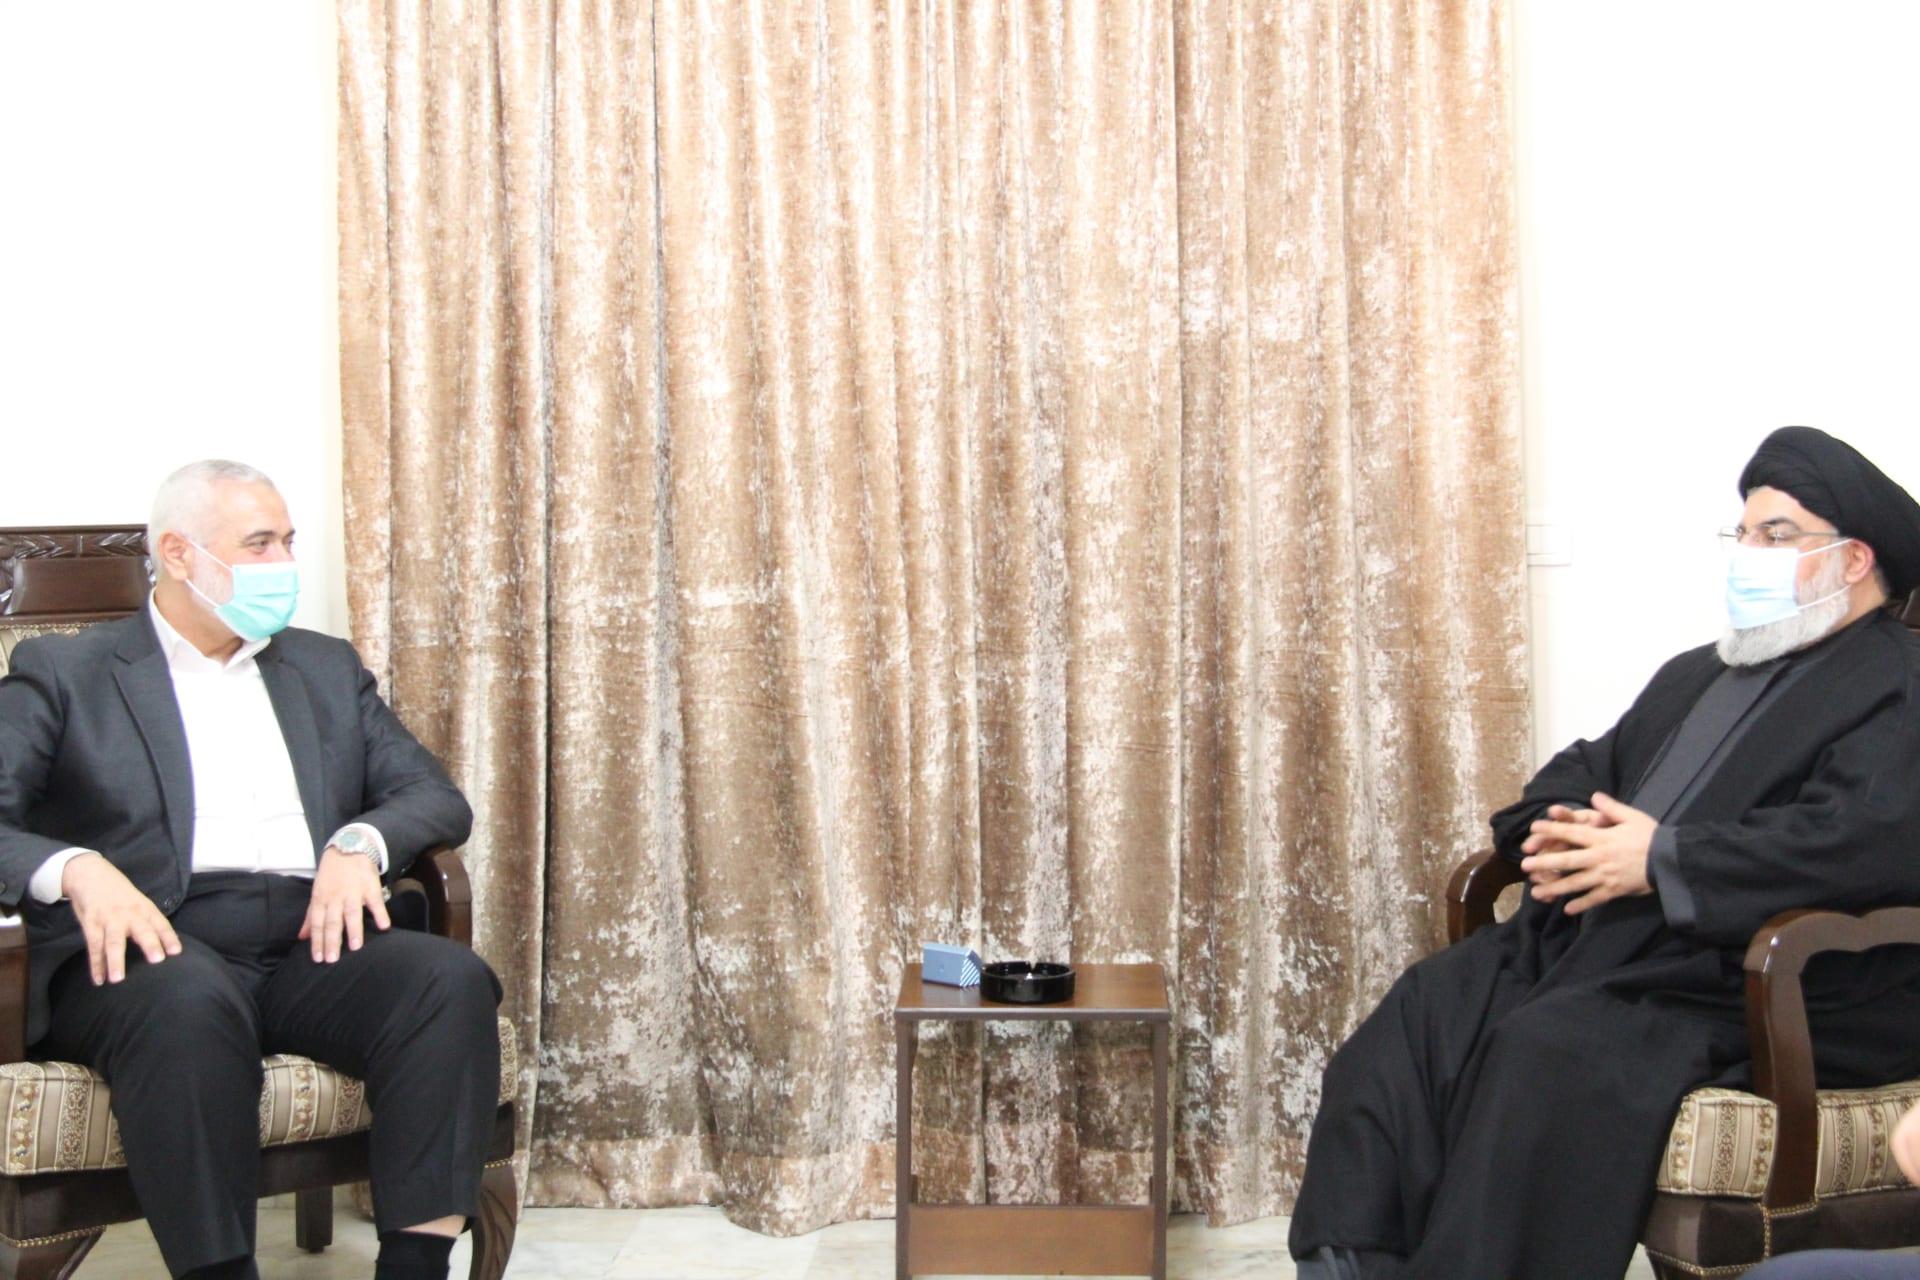 ظهرا بالكمامة.. حسن نصرالله يستقبل إسماعيل هنية في لبنان: علاقة حزب الله وحماس متينة